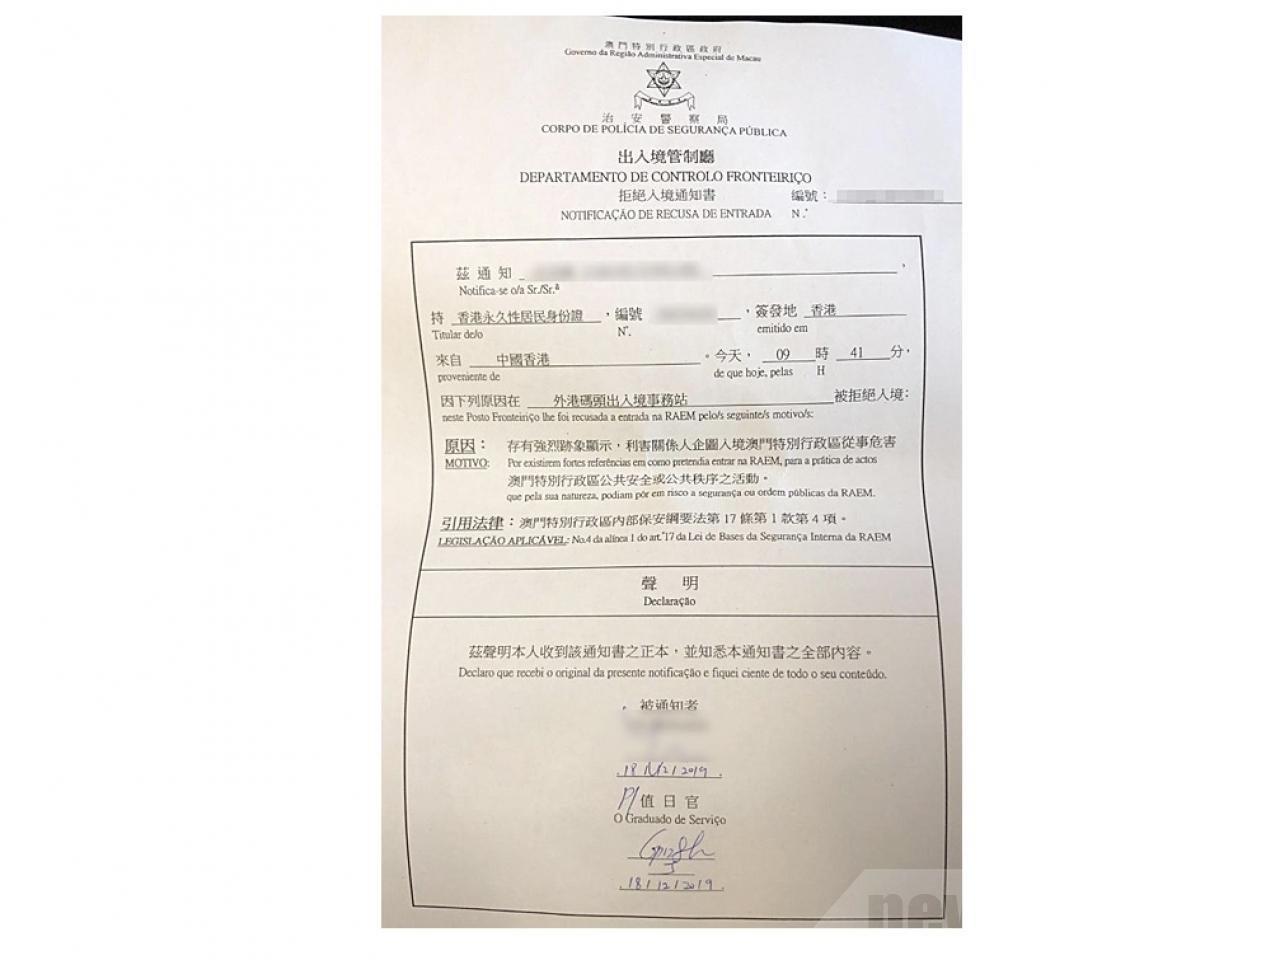 習近平訪問在即,澳門當局以「企圖到當地從事危害公共安全秩序的活動」為由,拒絕多家香港媒體記者入境。 (圖為RTHK記者拍攝書面被拒通知)